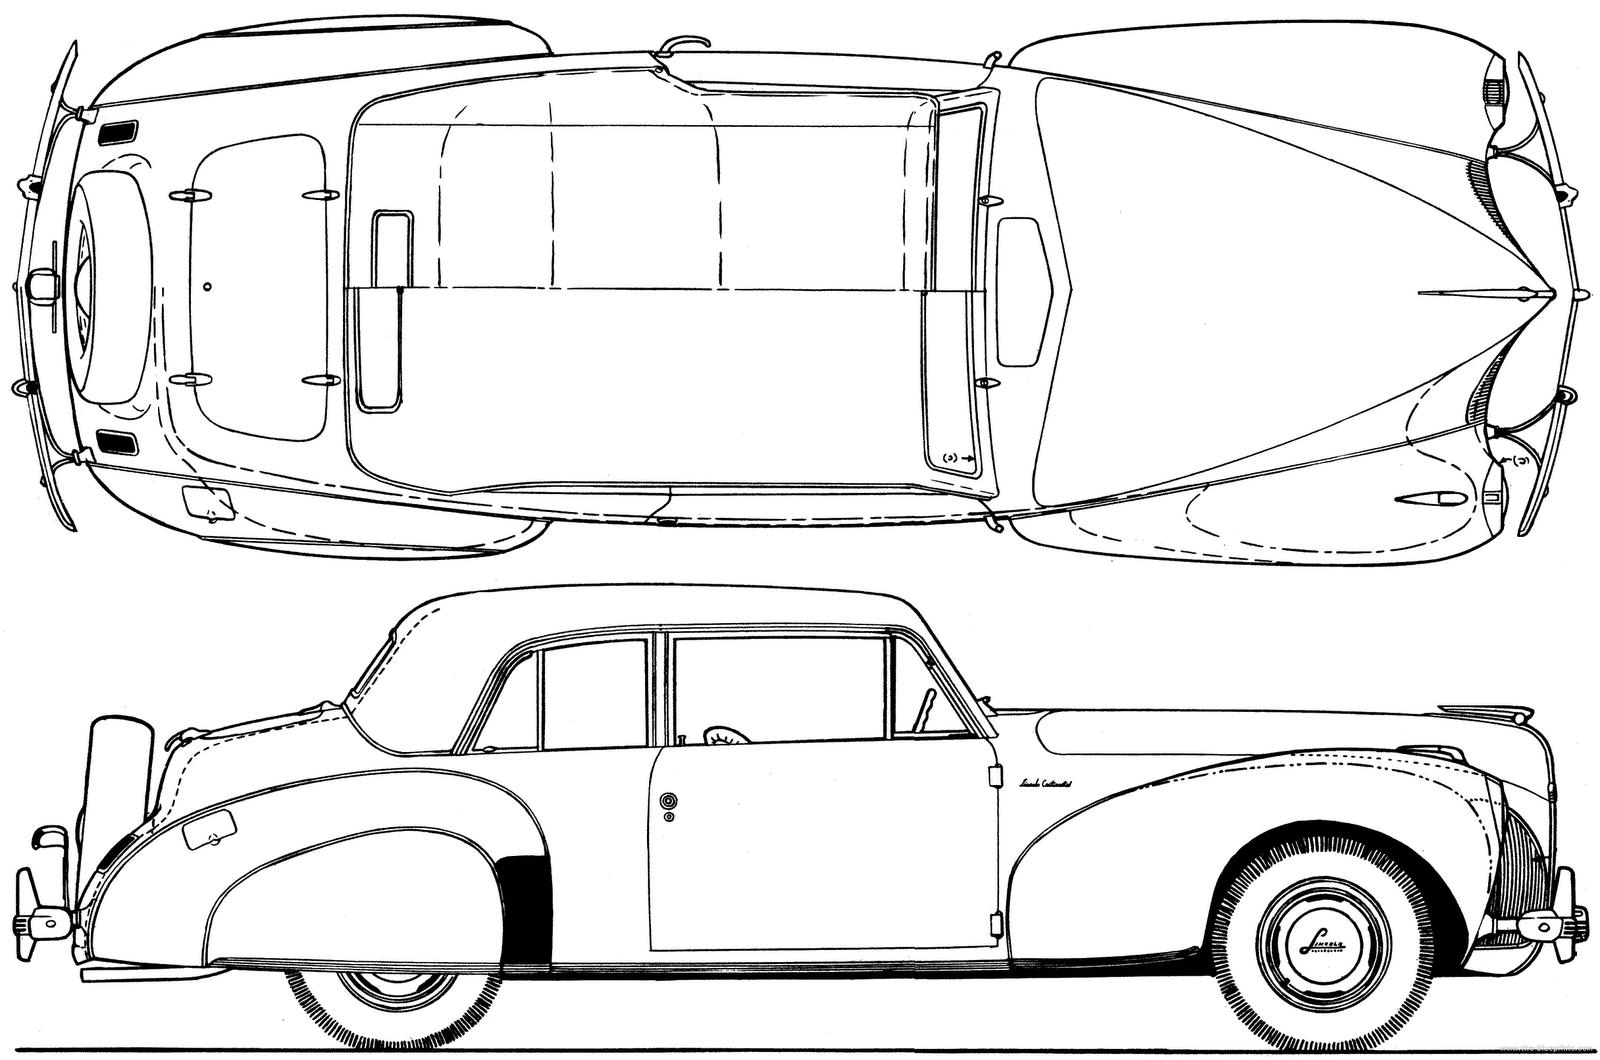 Styx Motors Blueprints Cars Technische Zeichnung Automobil Zeichnungen